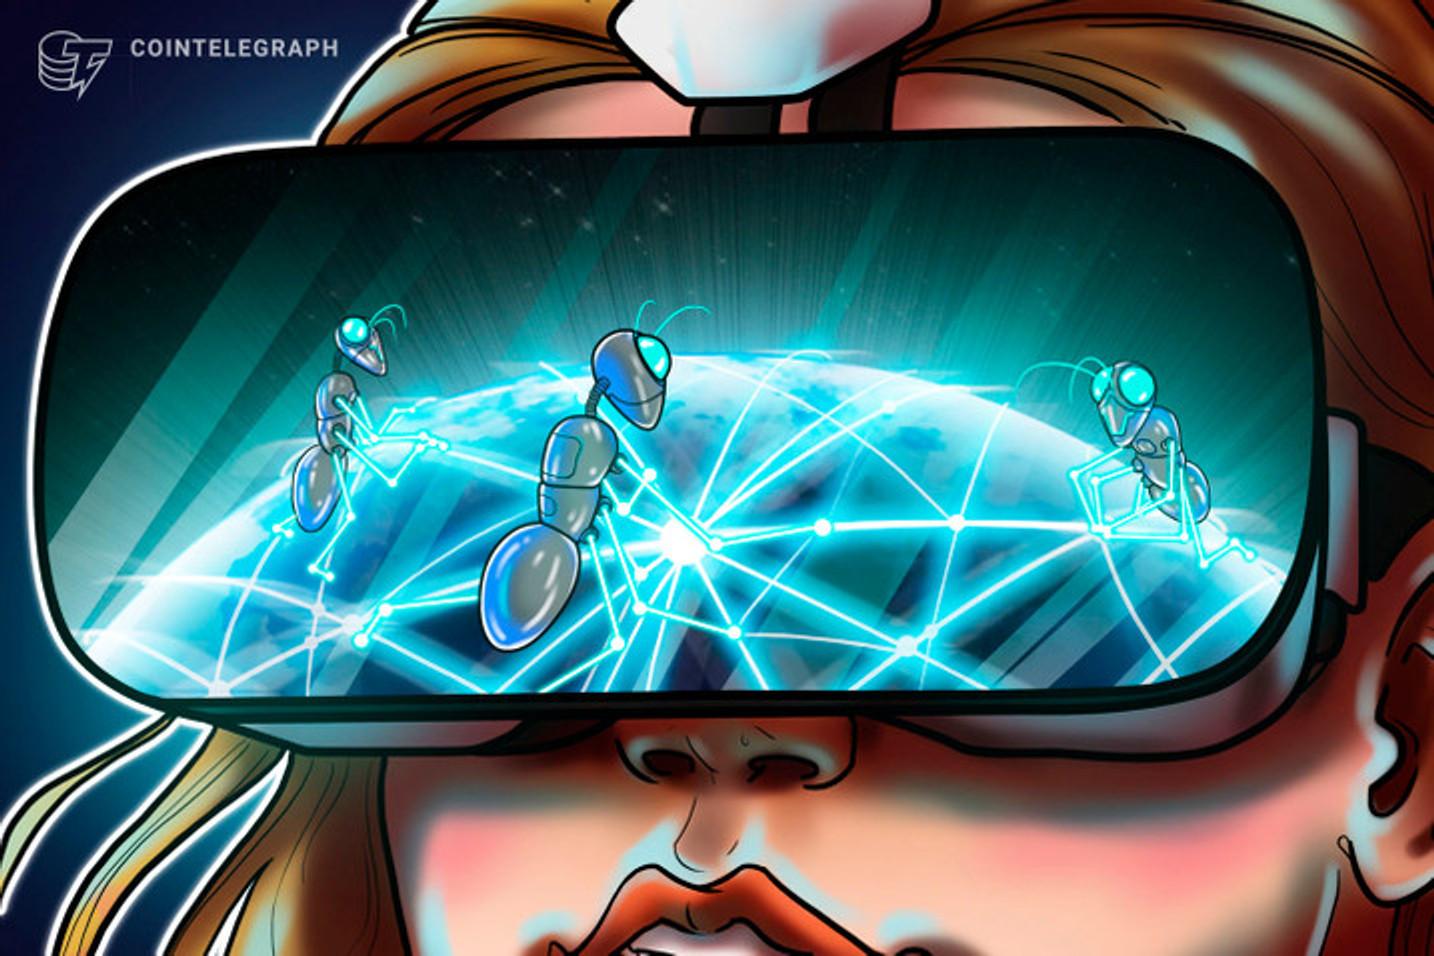 España: Anfalum organiza capacitaciones sobre el futuro de la iluminación e incluye a blockchain en las temáticas